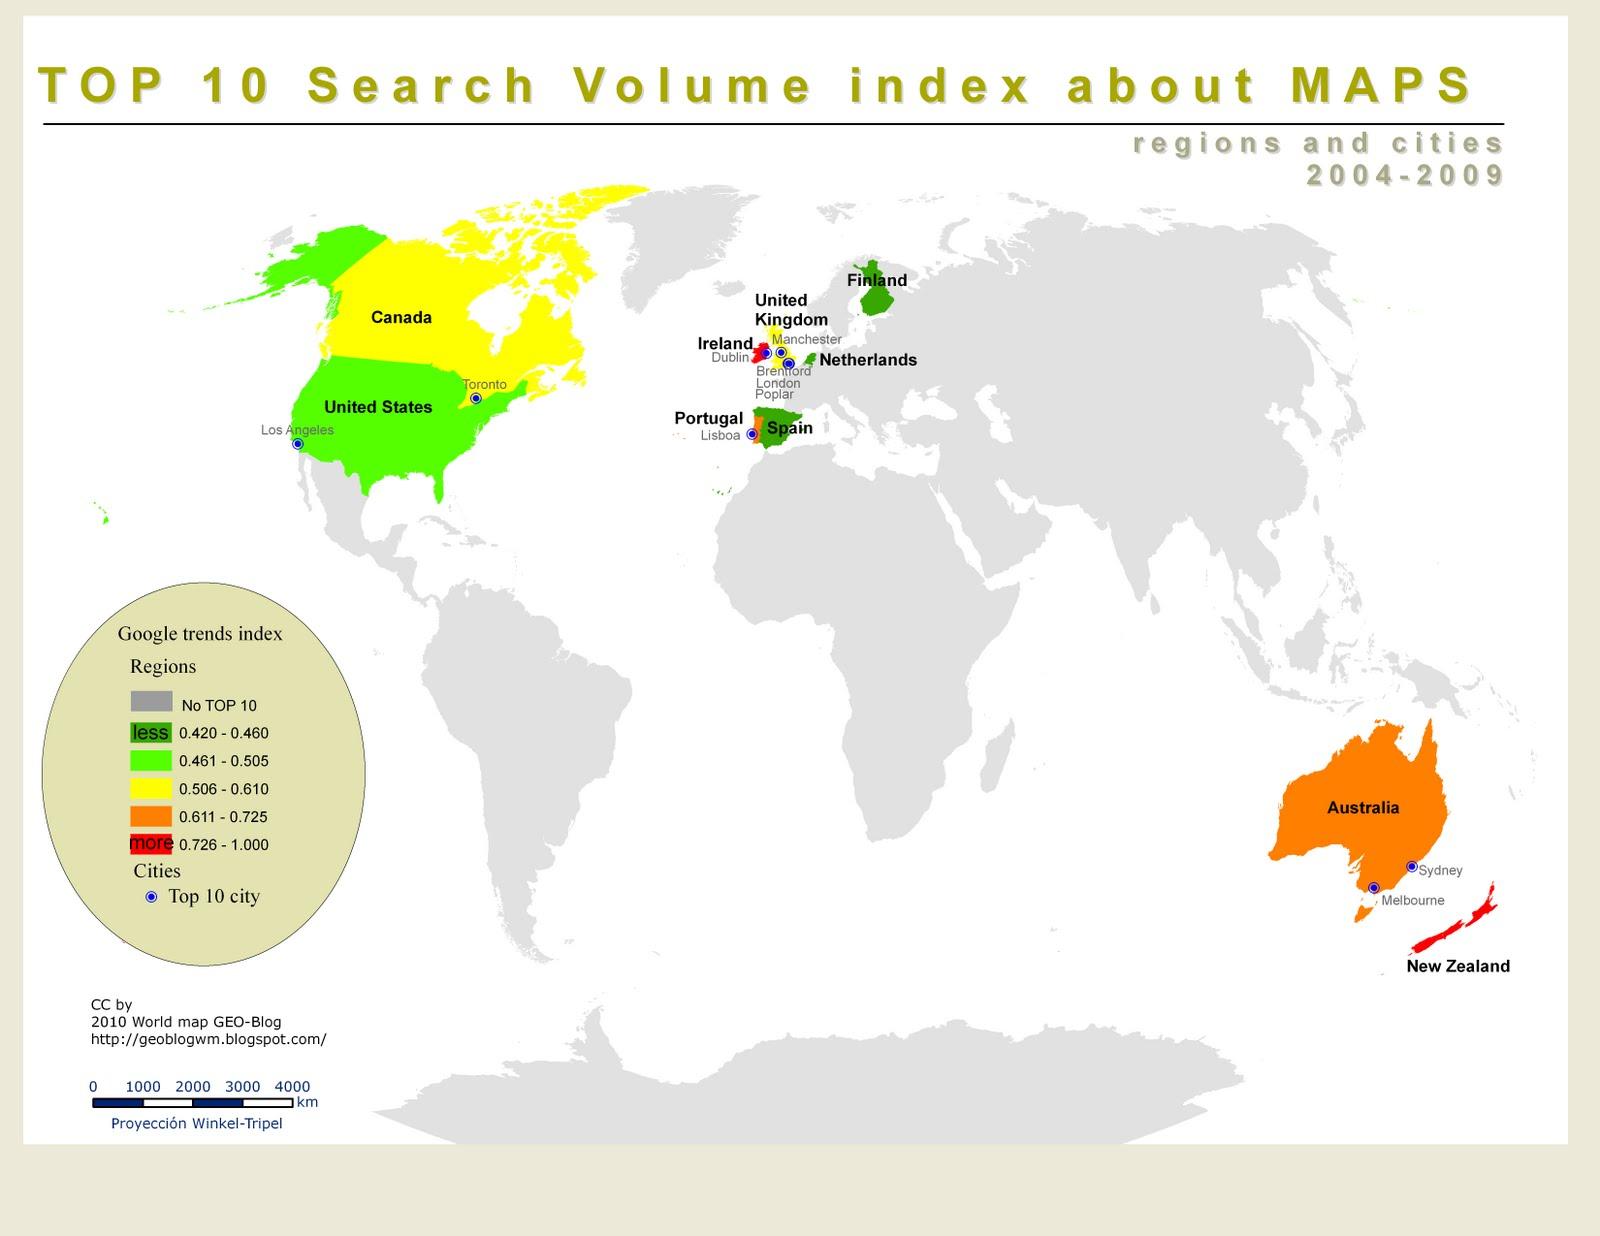 Mapa Mundial De Busquedas De Mapas Eu apresento a vocês um aplicativo que inclui um mapa interativo do mundo. orbemapa